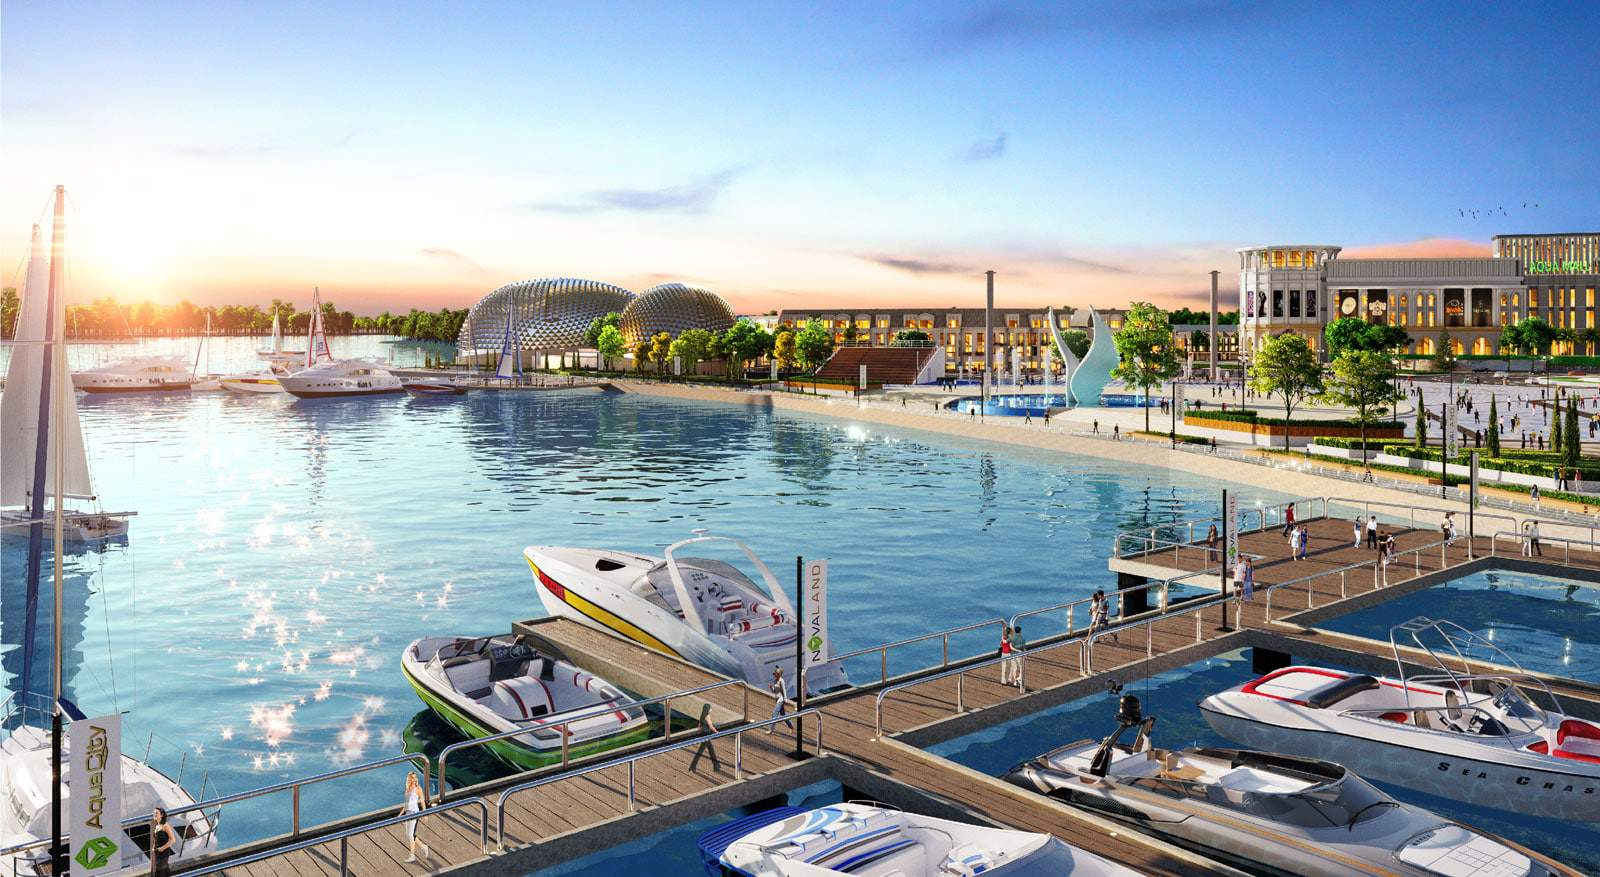 Bến Du Thuyền 5 sao Aqua Marina Aqua City